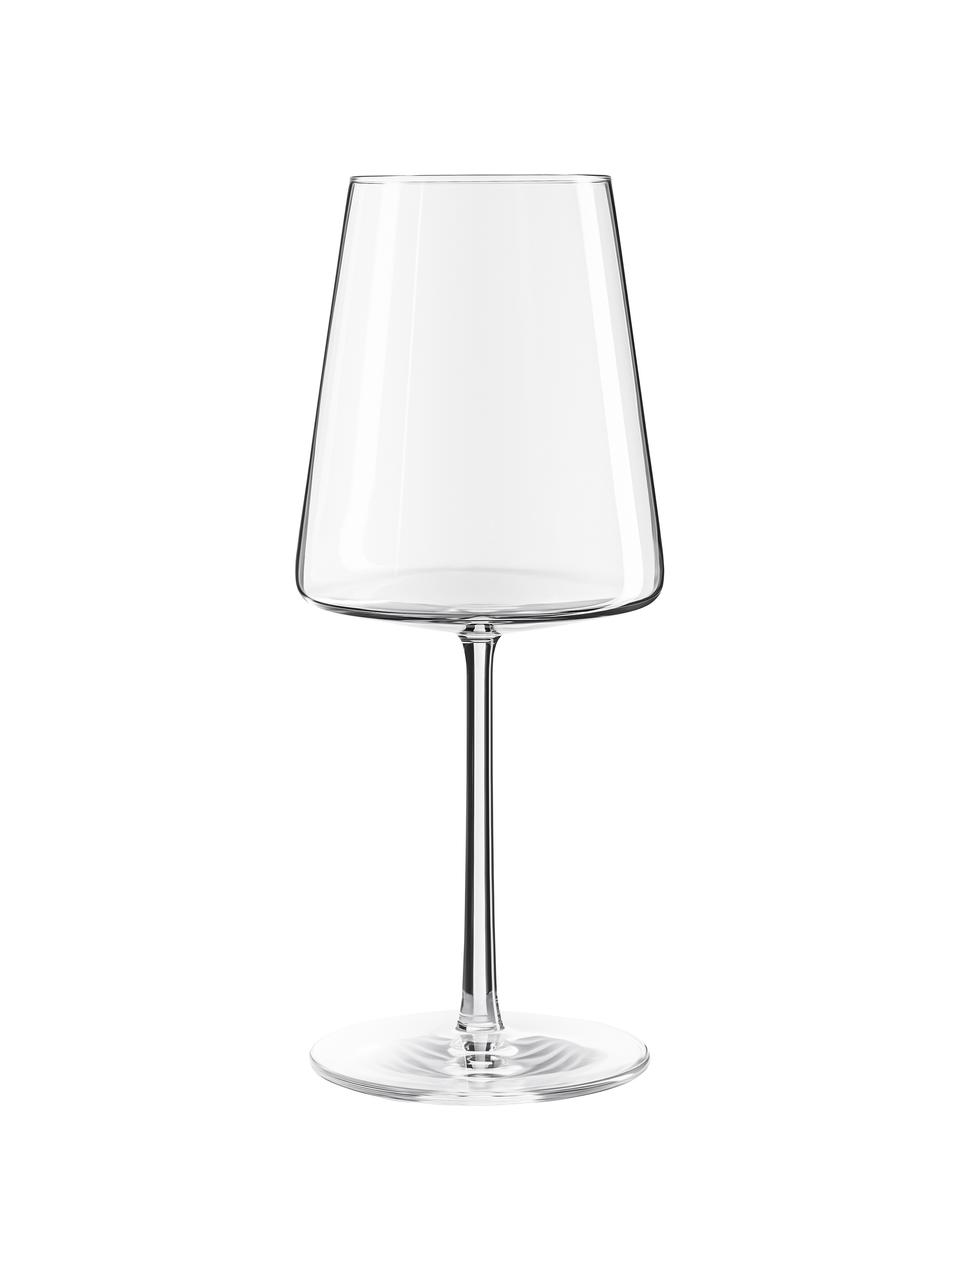 Křišťálová sklenice na červené víno Power, 6 ks, Transparentní